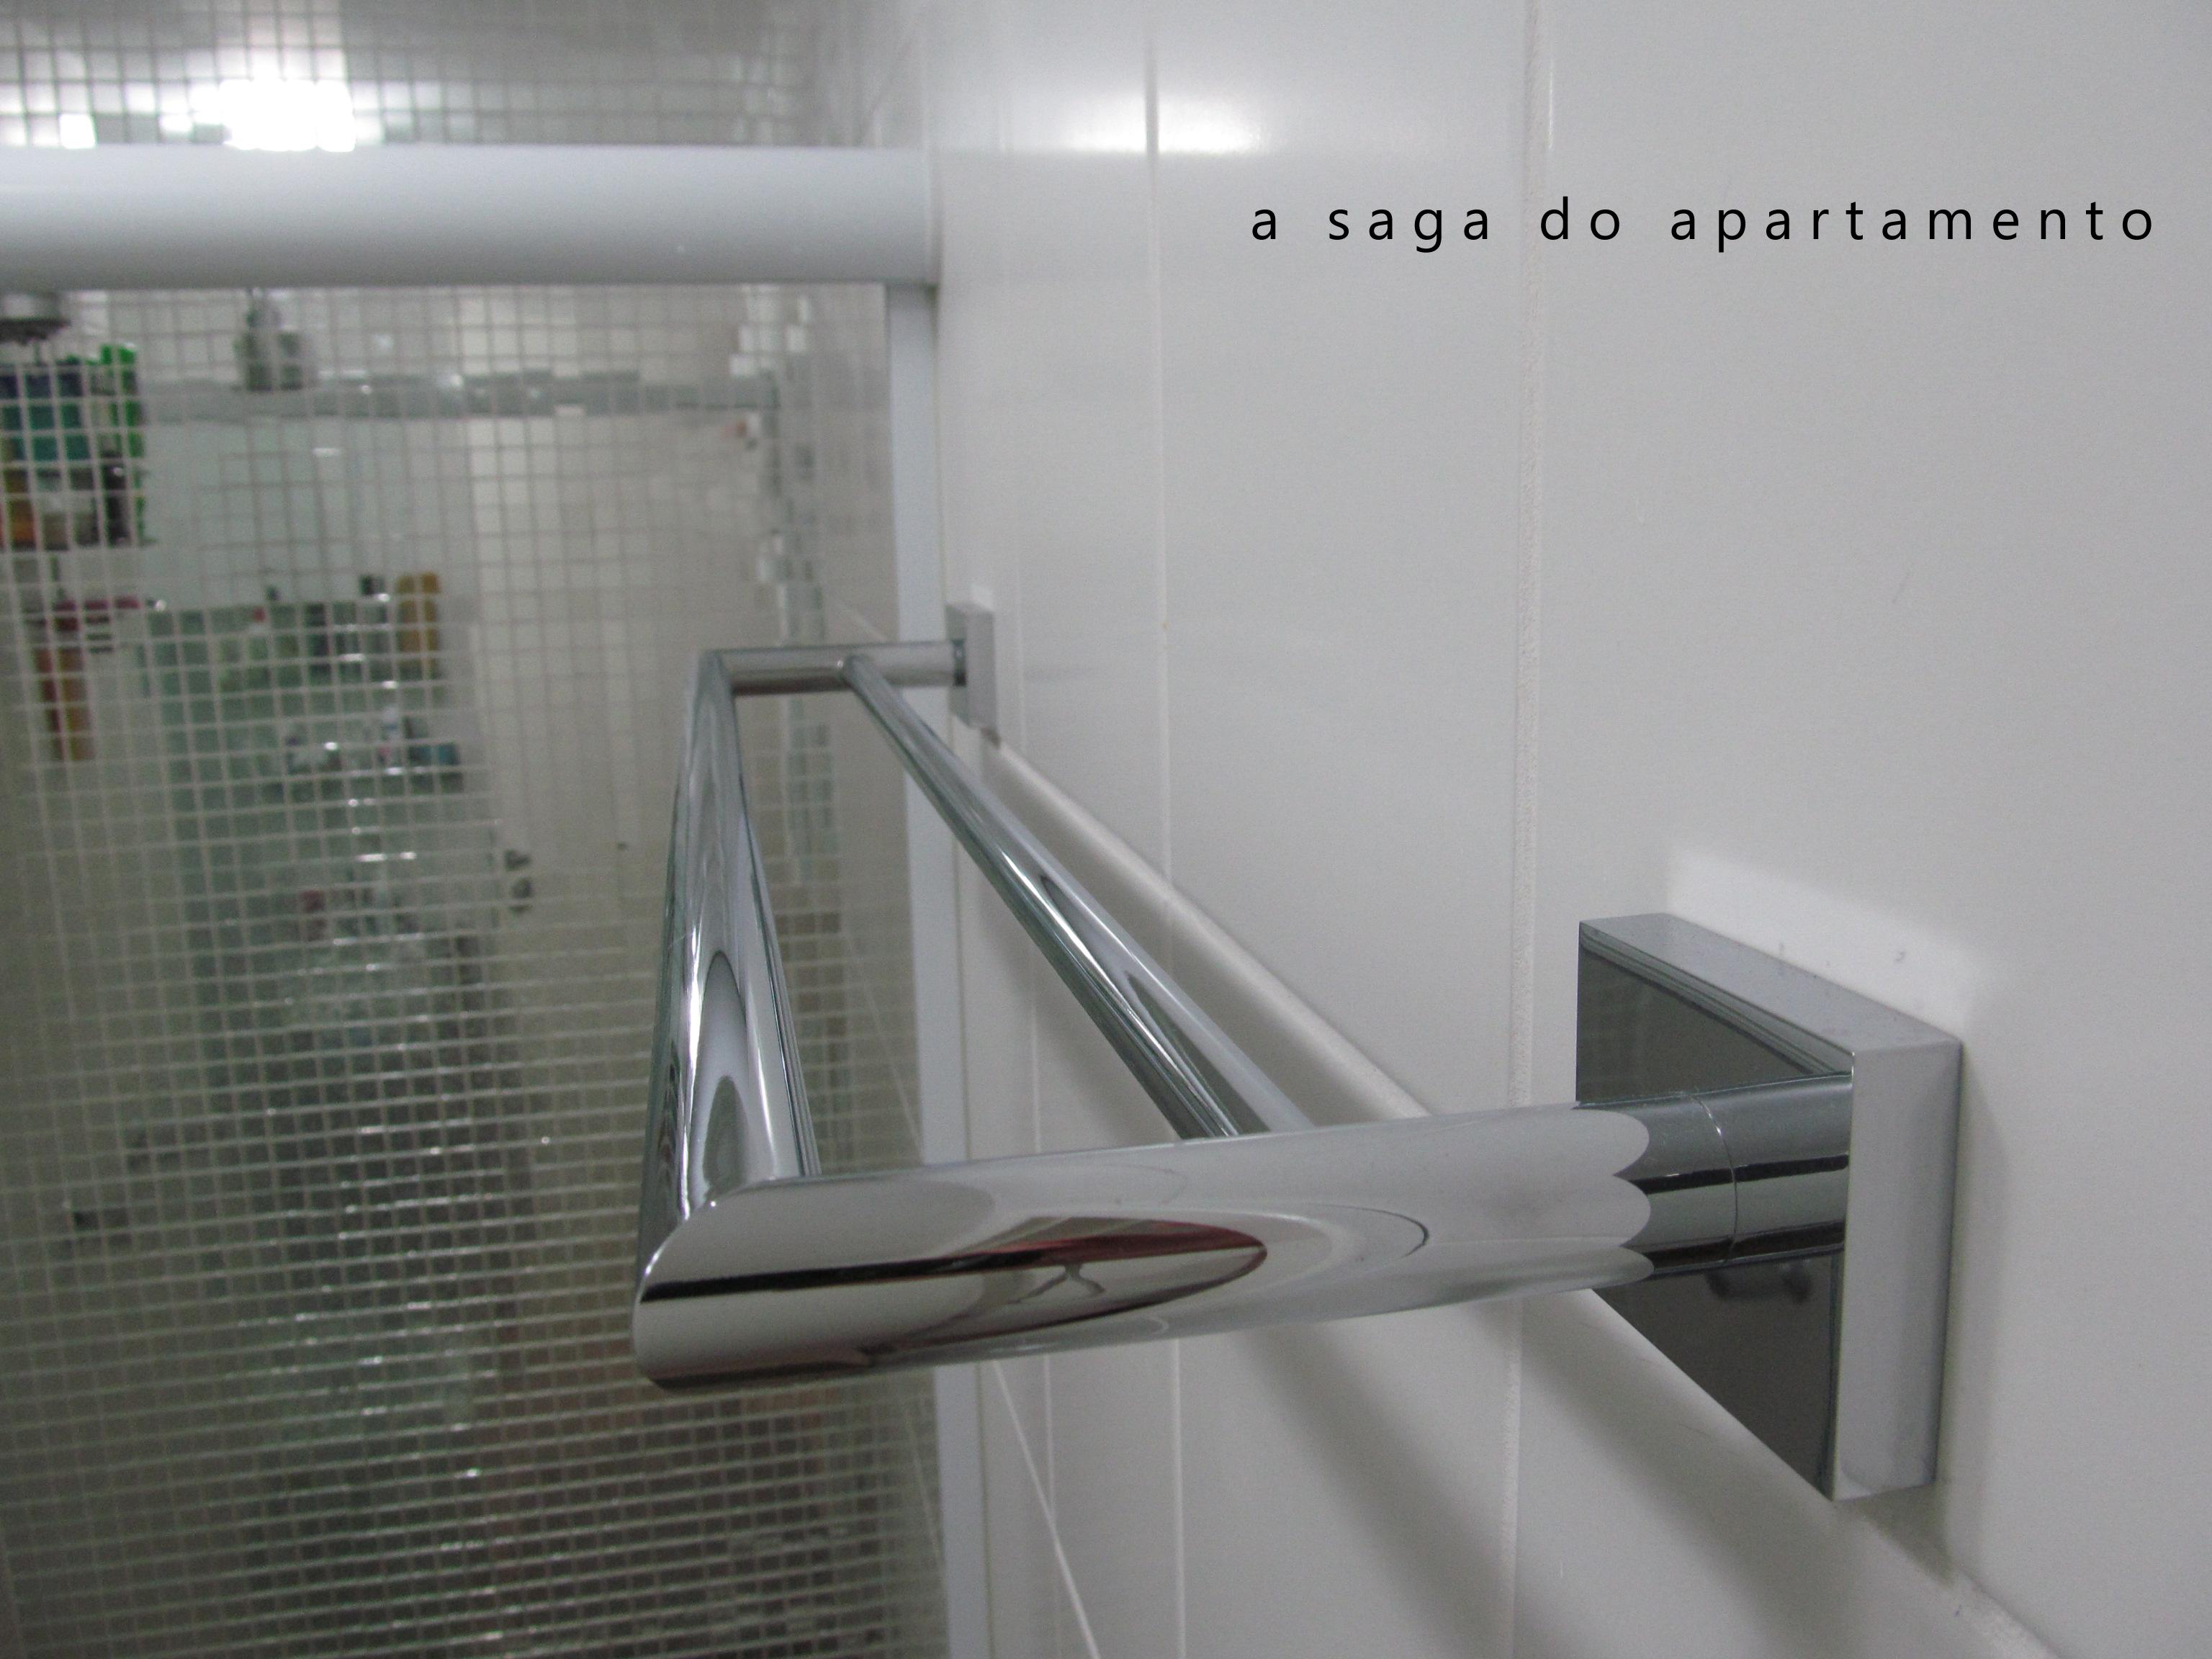 Imagens de #57504A Legal né? Toda a linha segue esse padrão como podem ver com o  3072x2304 px 3512 Blindex Espelhado Banheiro